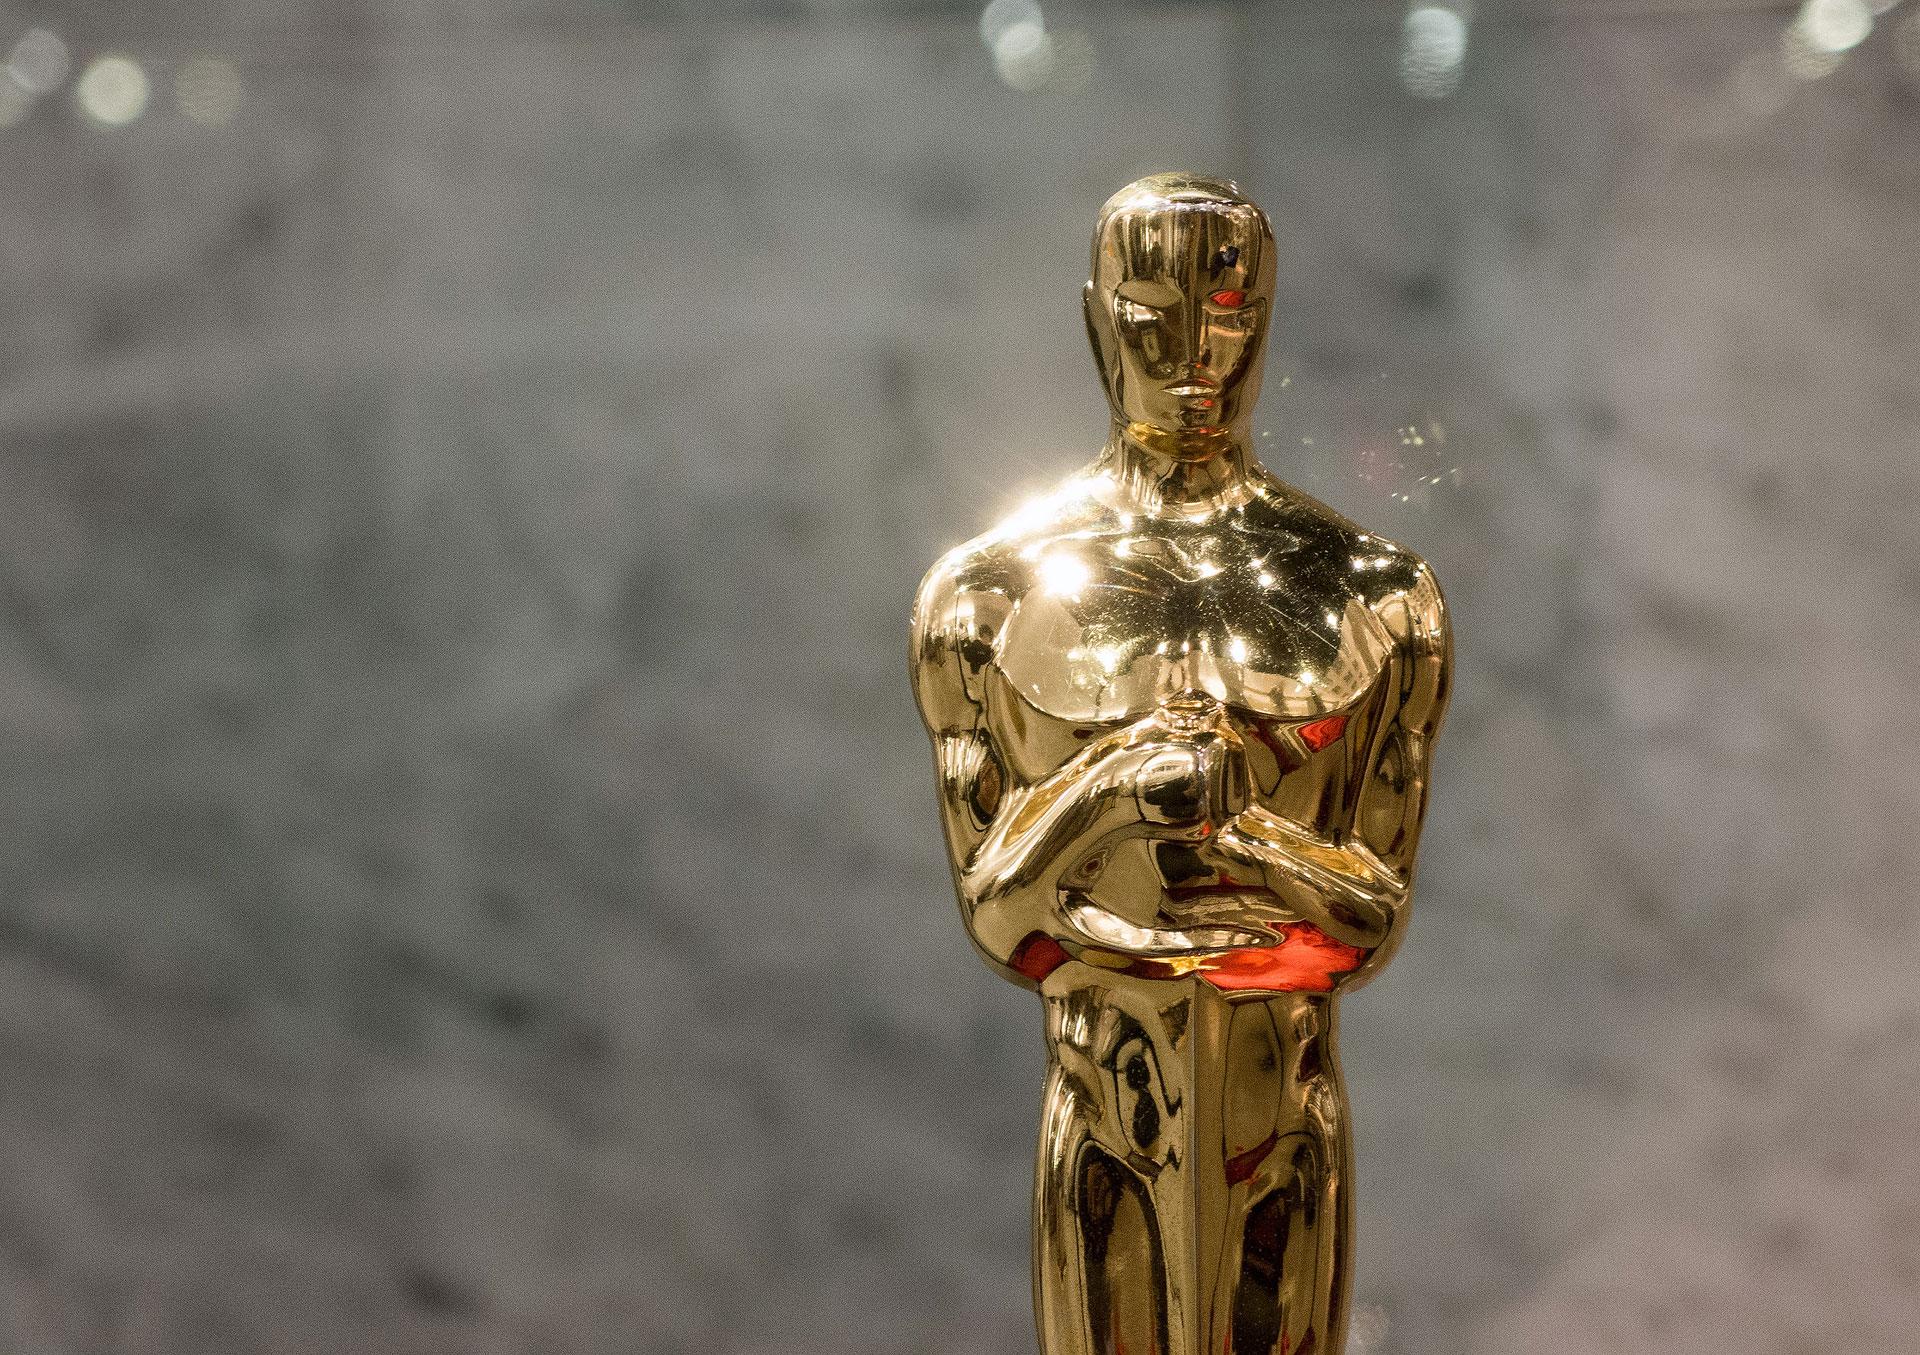 """Oscar statuette for the Czech movie """"Closely Watched Trains"""" (Ostře sledované vlaky in Czech) by Jiří Menzel"""